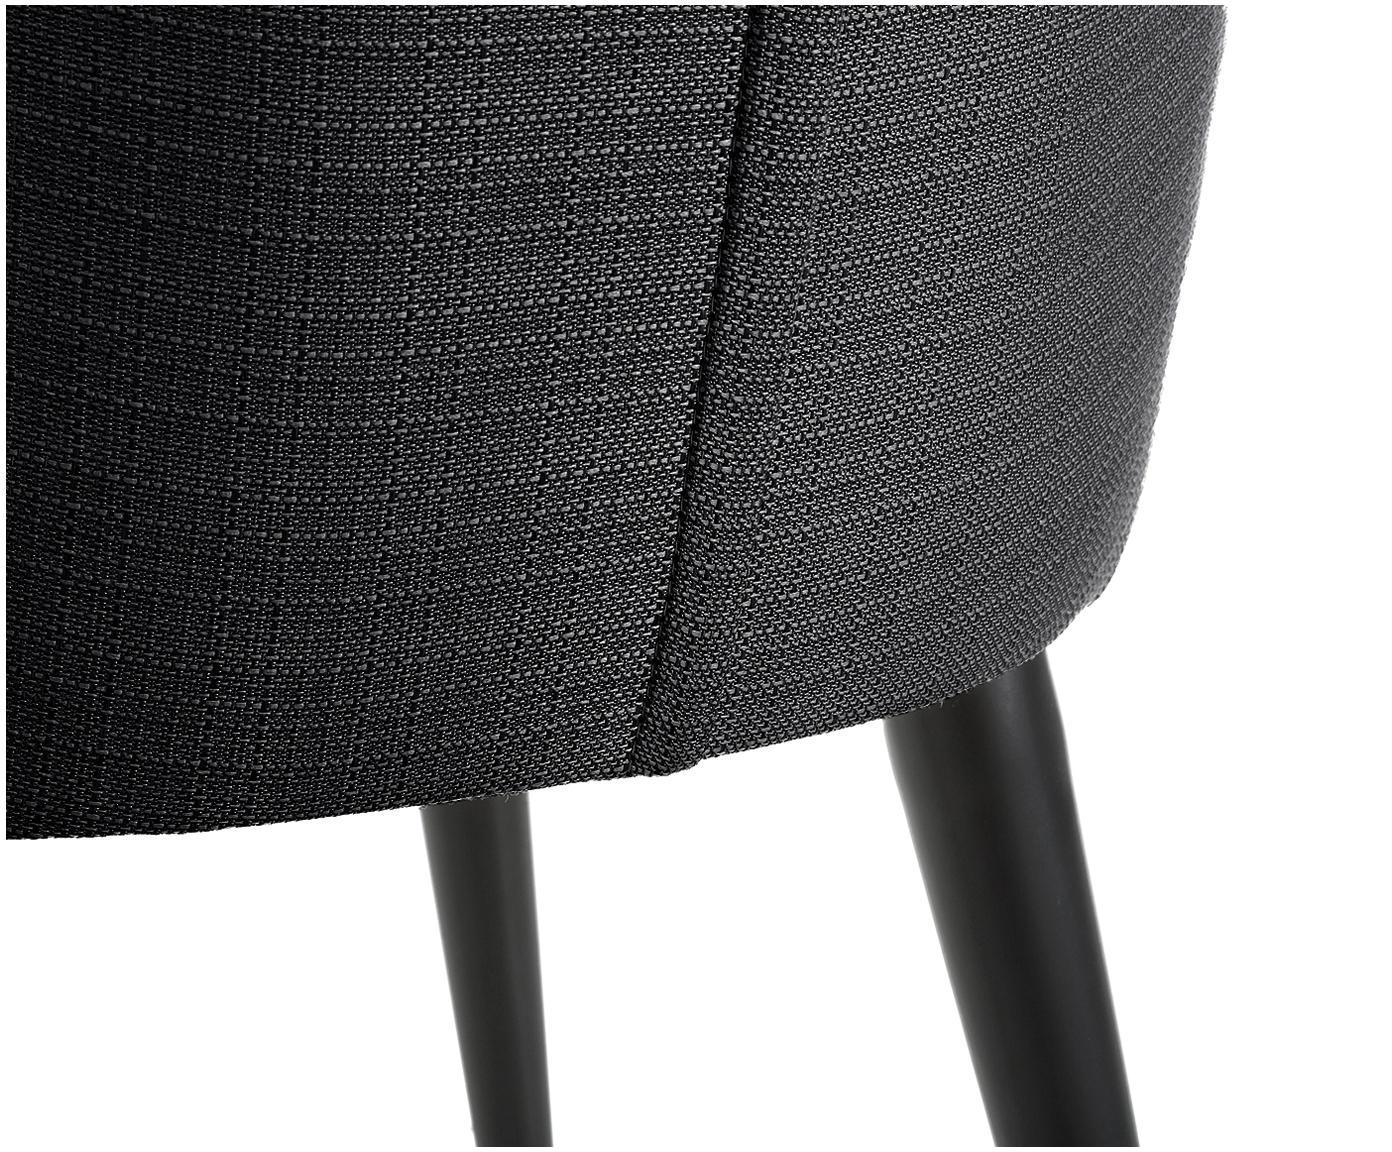 Gestoffeerde stoel Cleo, Bekleding: polyester, Poten: gepoedercoat metaal, Zwart, B 51 x D 62 cm